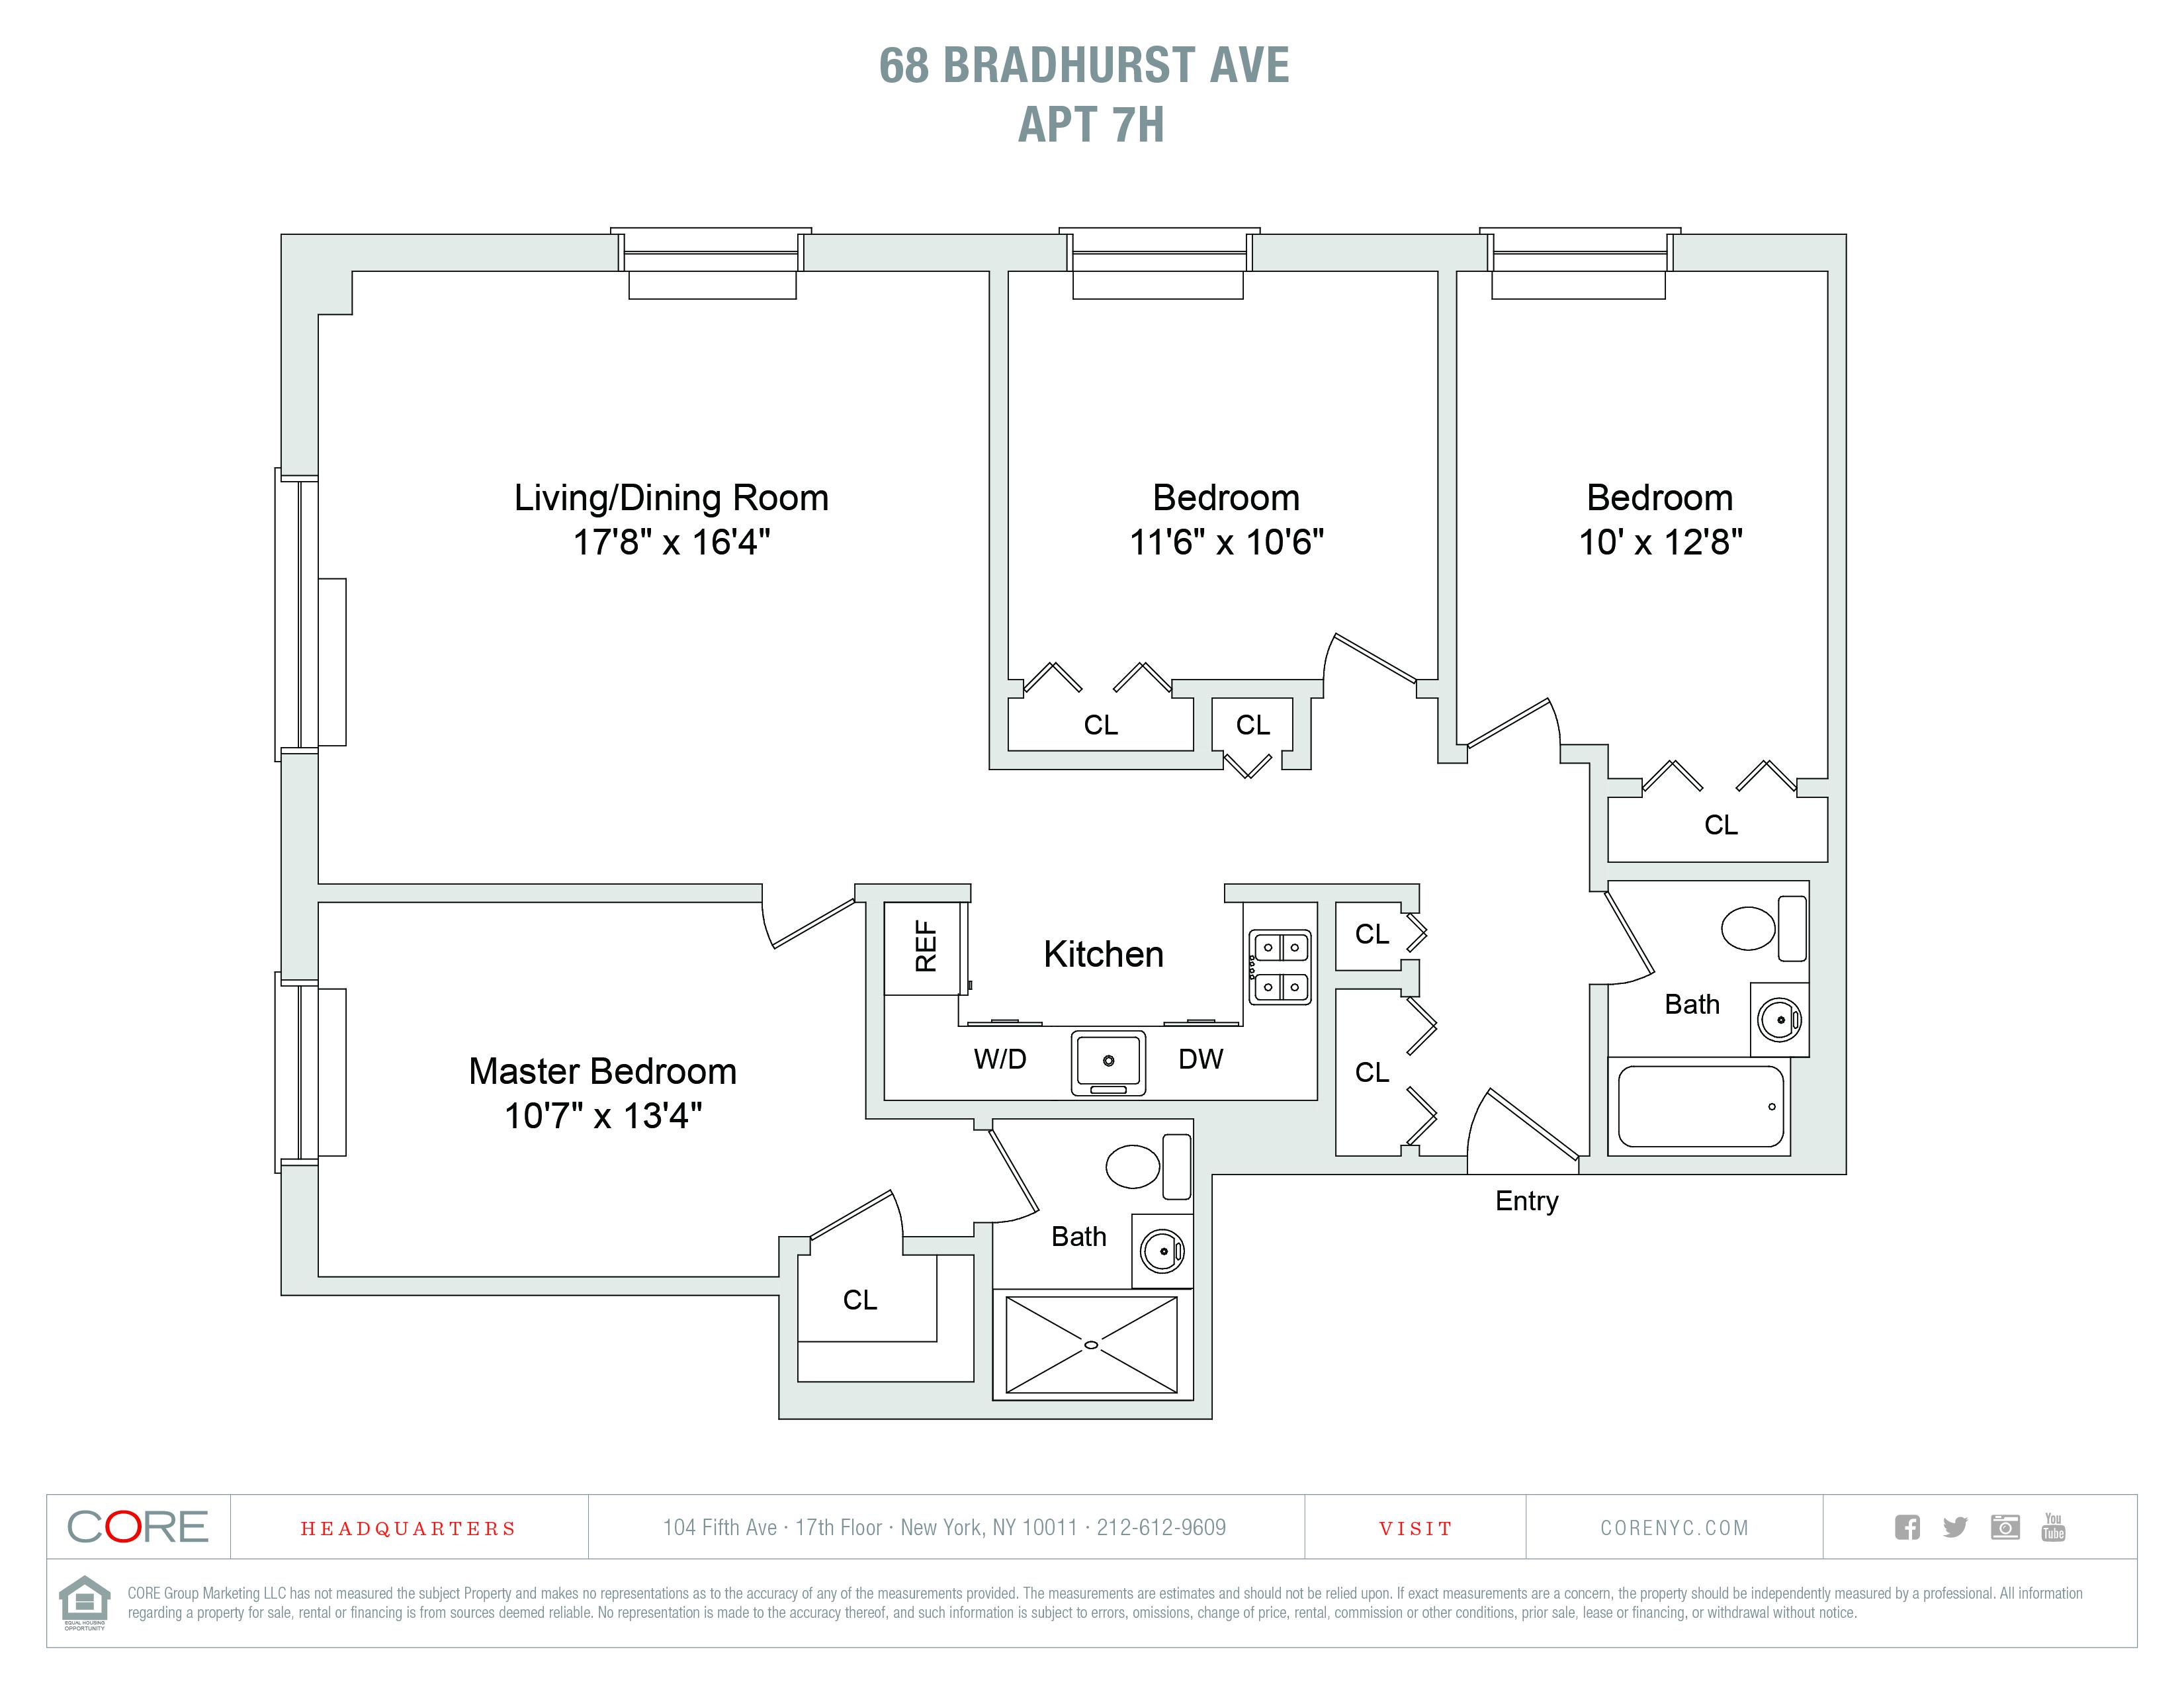 68 Bradhurst Ave. 7-H, New York, NY 10030